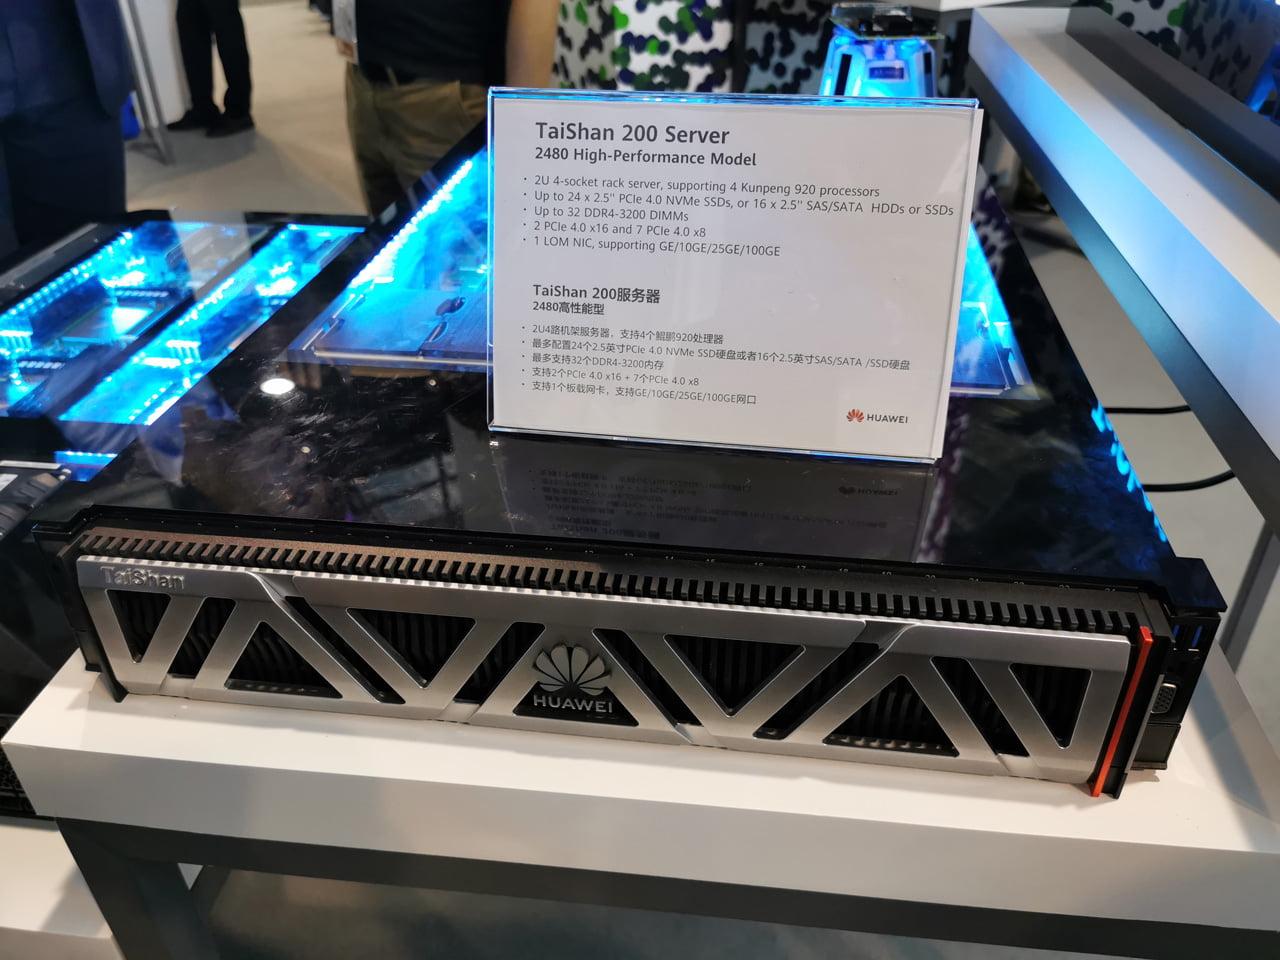 Serverové čipy Ascend 910 a Kunpeng 920 od Huawei